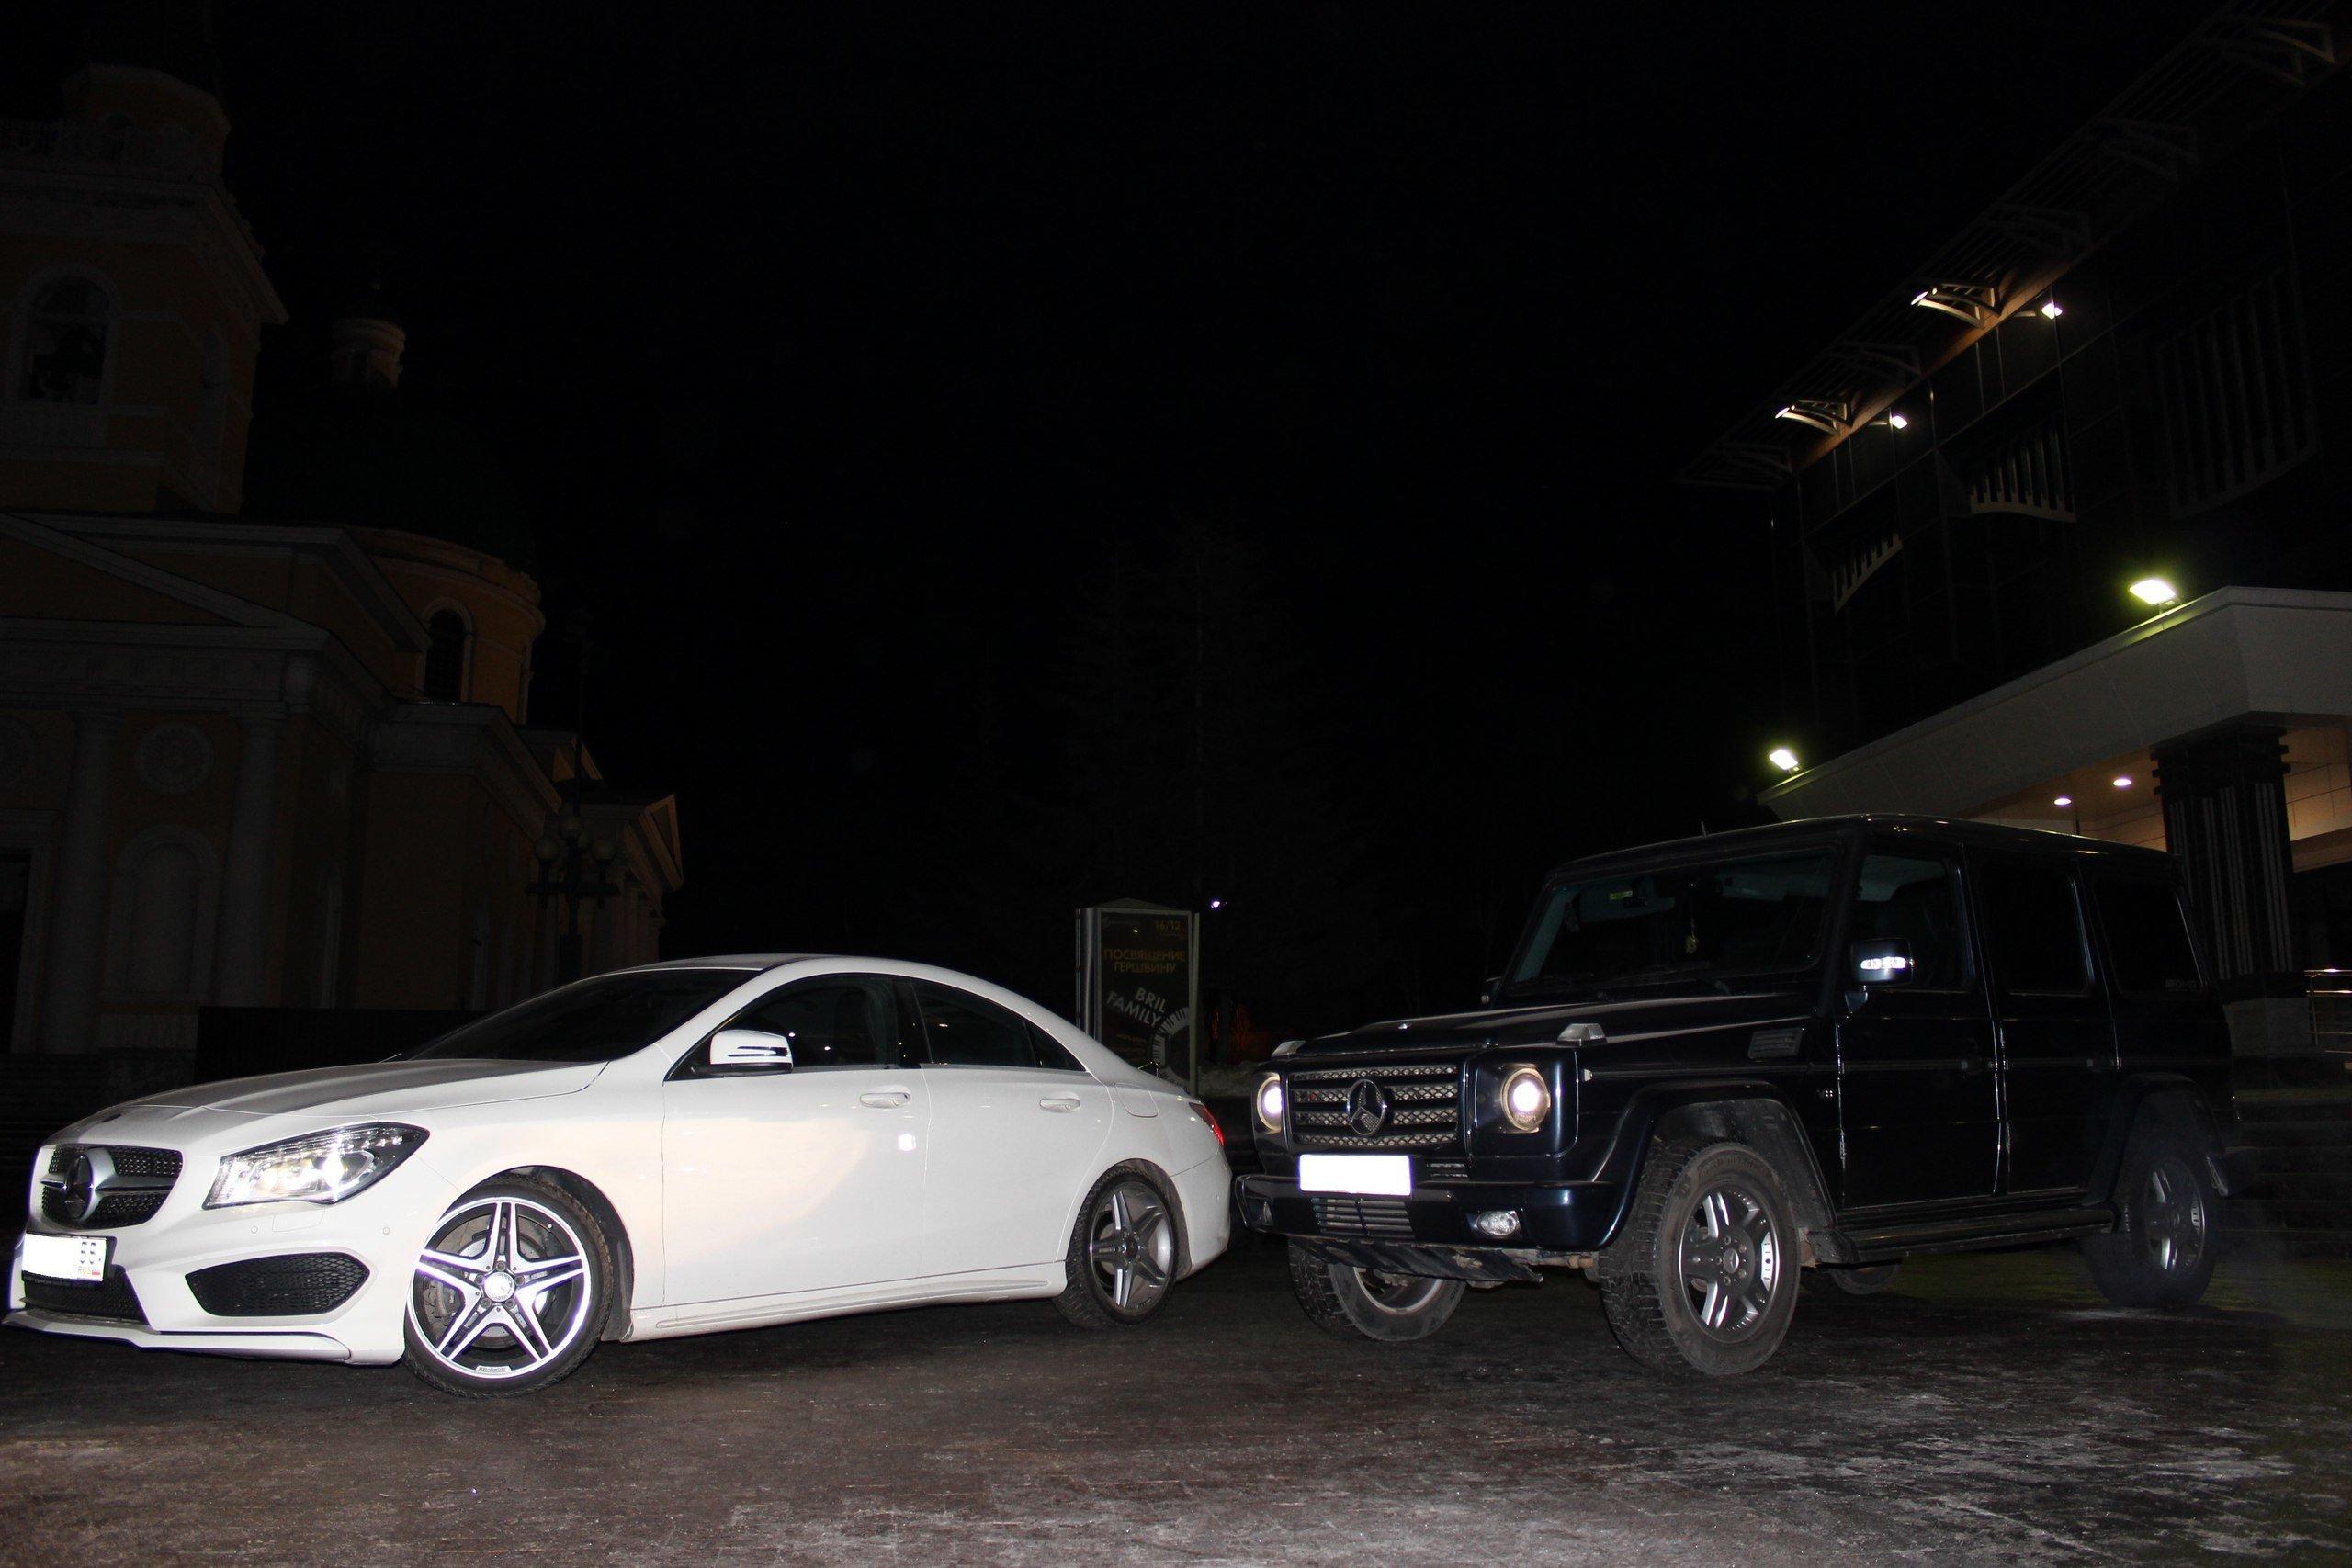 Mercedes benz cla class 2013 1 6 for 2013 mercedes benz cla class